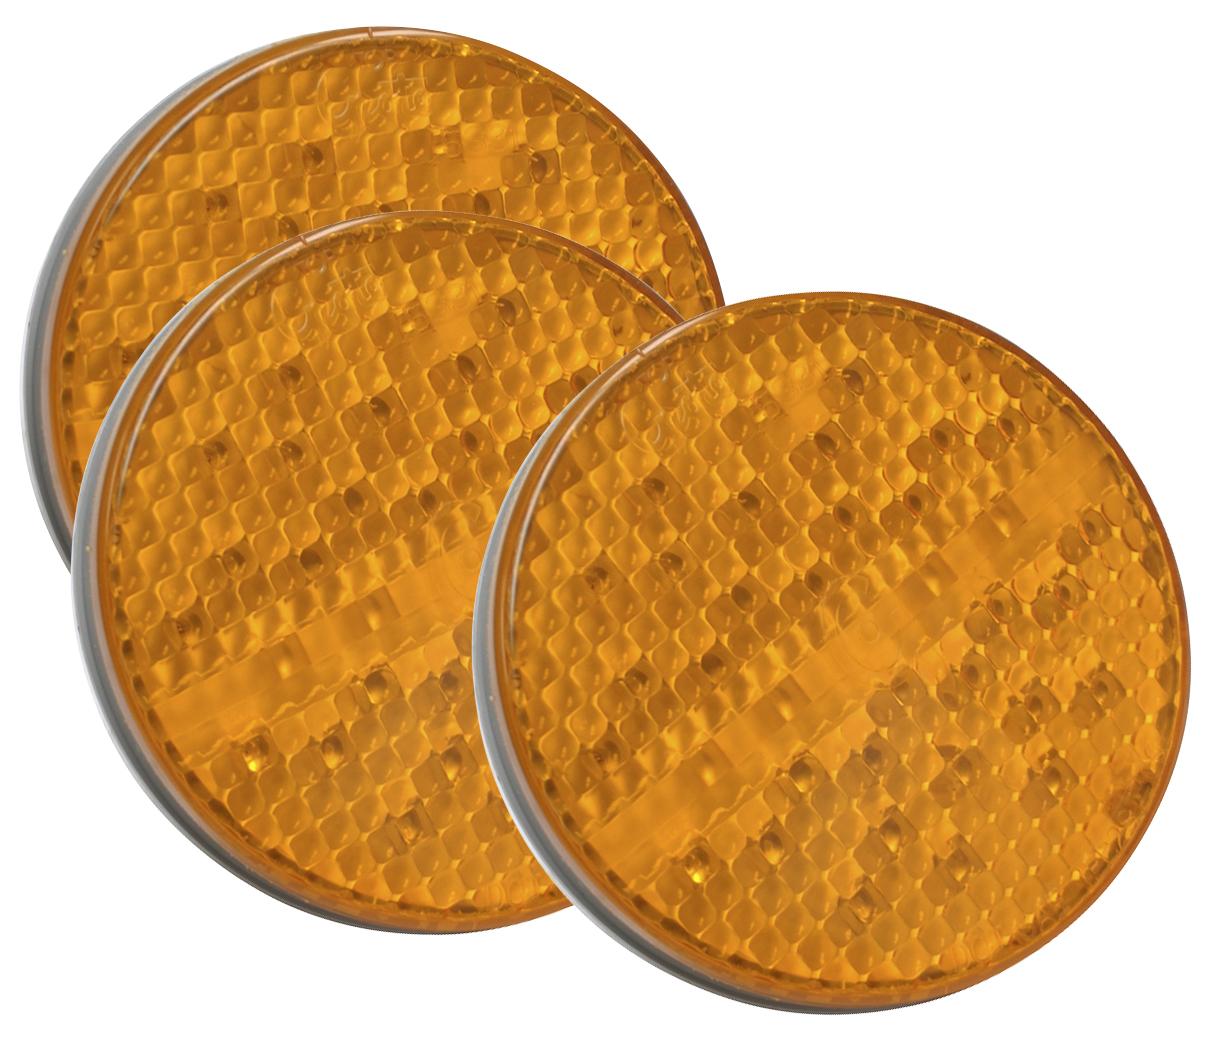 Grote Industries - 52163-3 – SuperNova® 4″ Full-Pattern LED Stop Tail Turn Light, Grommet Mount 24V, 3 Pin Rear Turn, Yellow, Bulk Pack